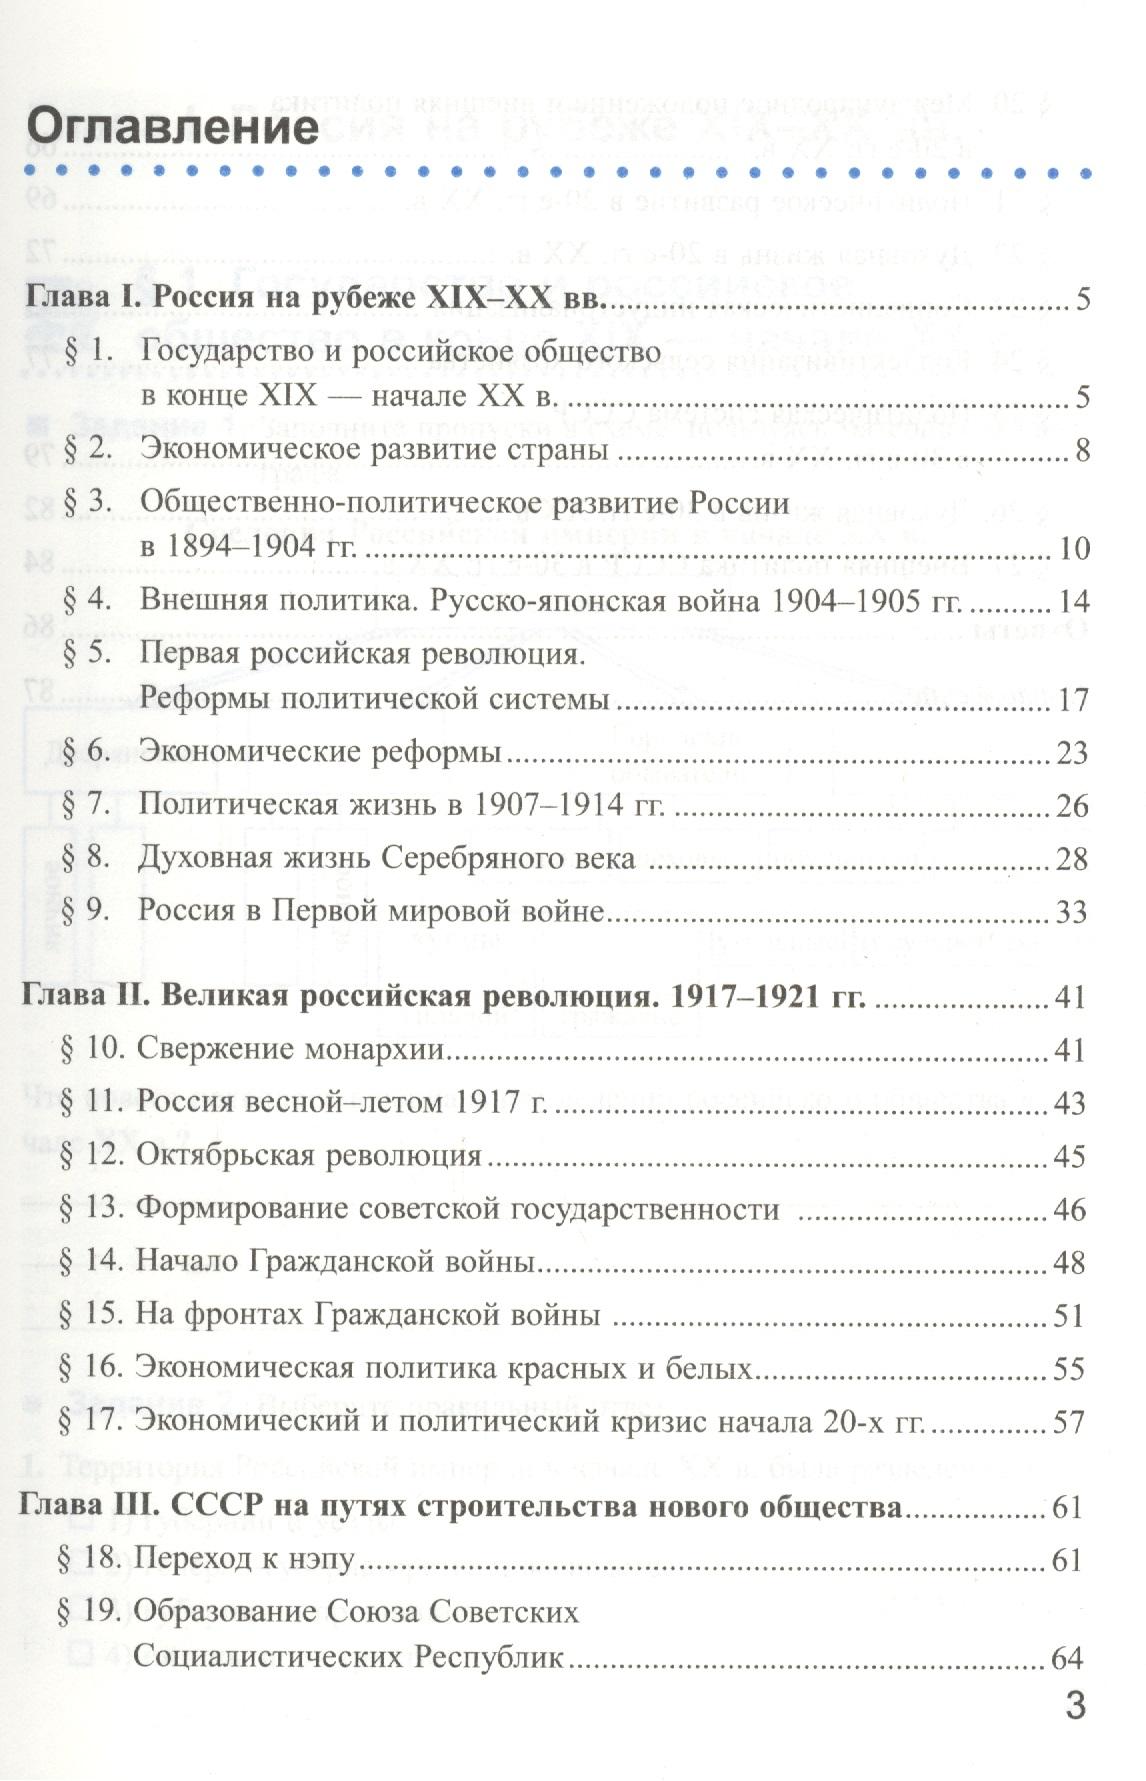 Рабочая тетрадь по истории россии 9 класс данилов косулина параграф 14 ответы скачать бесплатно